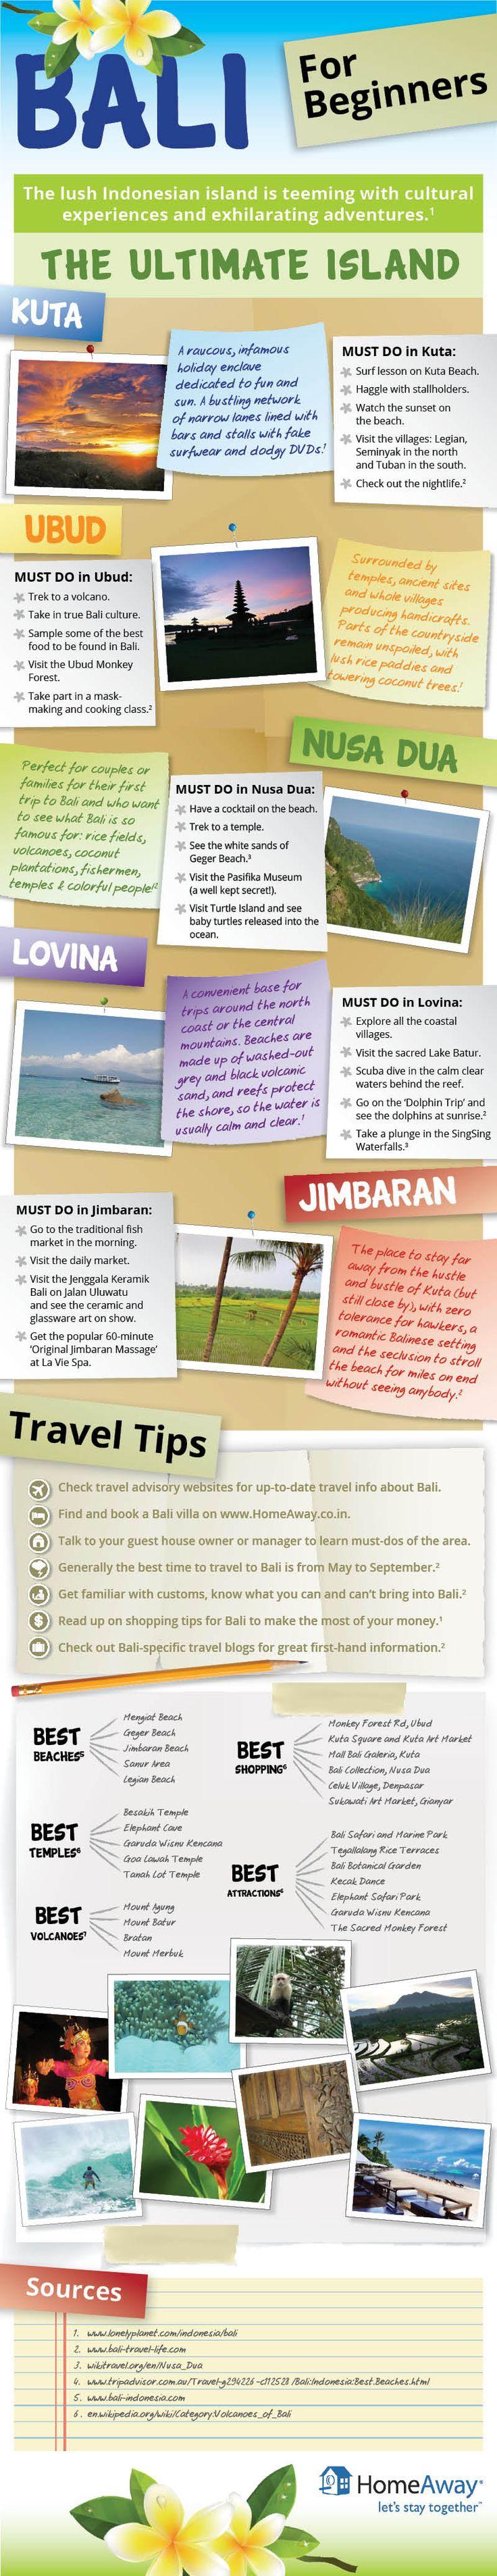 Jaja mit Spasti Fantasti auf LITHIUM 14 Tage lang durch Bali gevögelt was?! ICH WILL ES NICHT WISSEN!!!